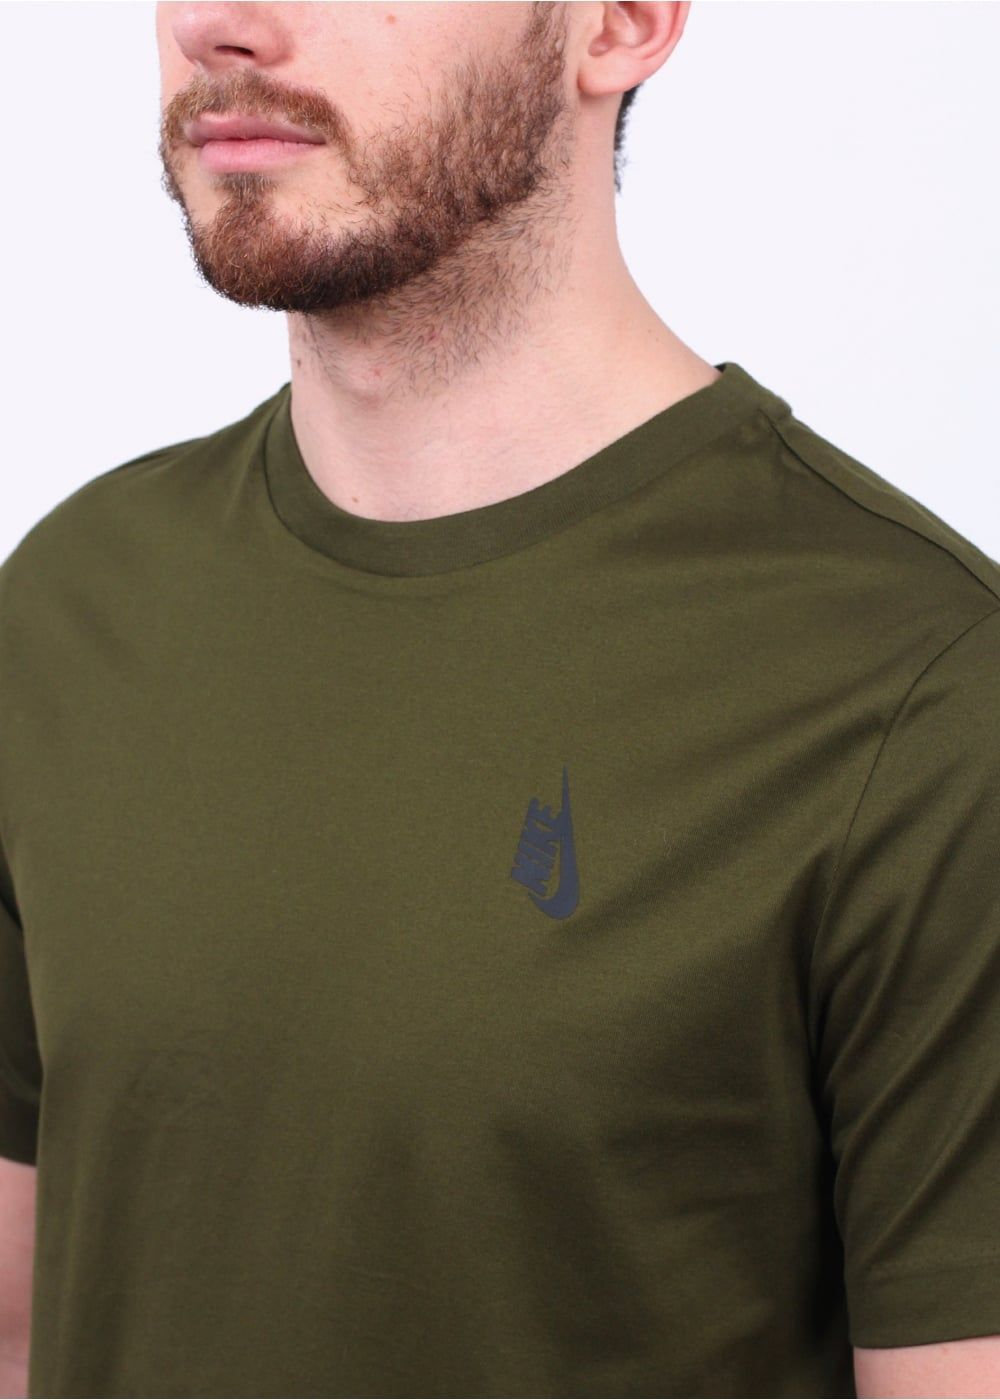 a6ac633a6 Nike Apparel Lab Essentials Tee - Legion Green   NIKE S/S16   Nike ...